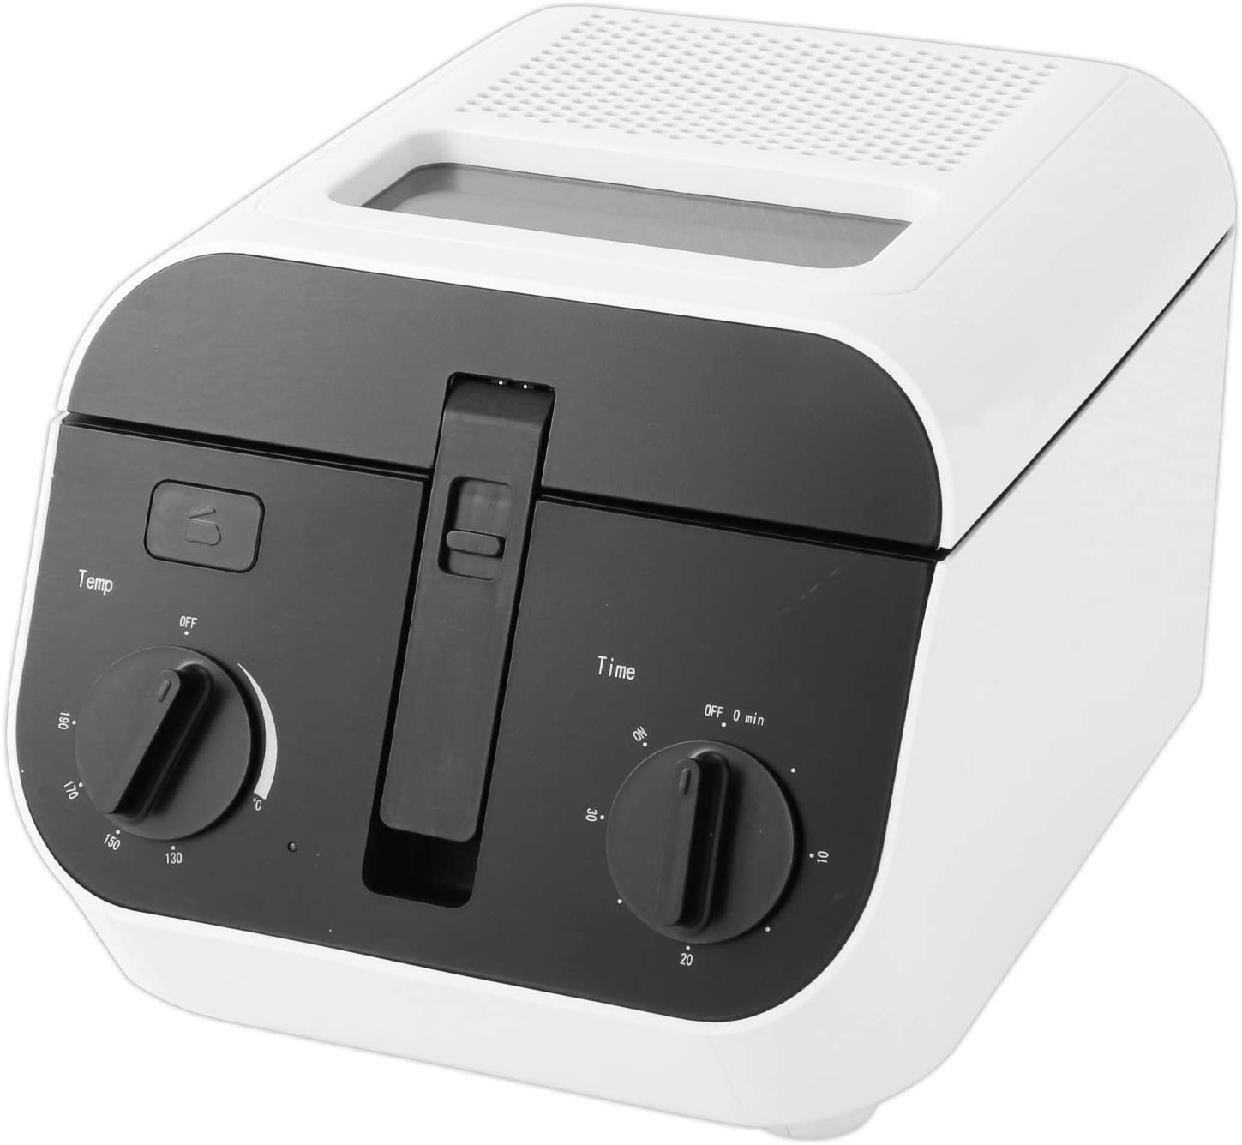 ROOMMATE(ルームメイト) ディープフライヤー EB-RM6400A ホワイトの商品画像